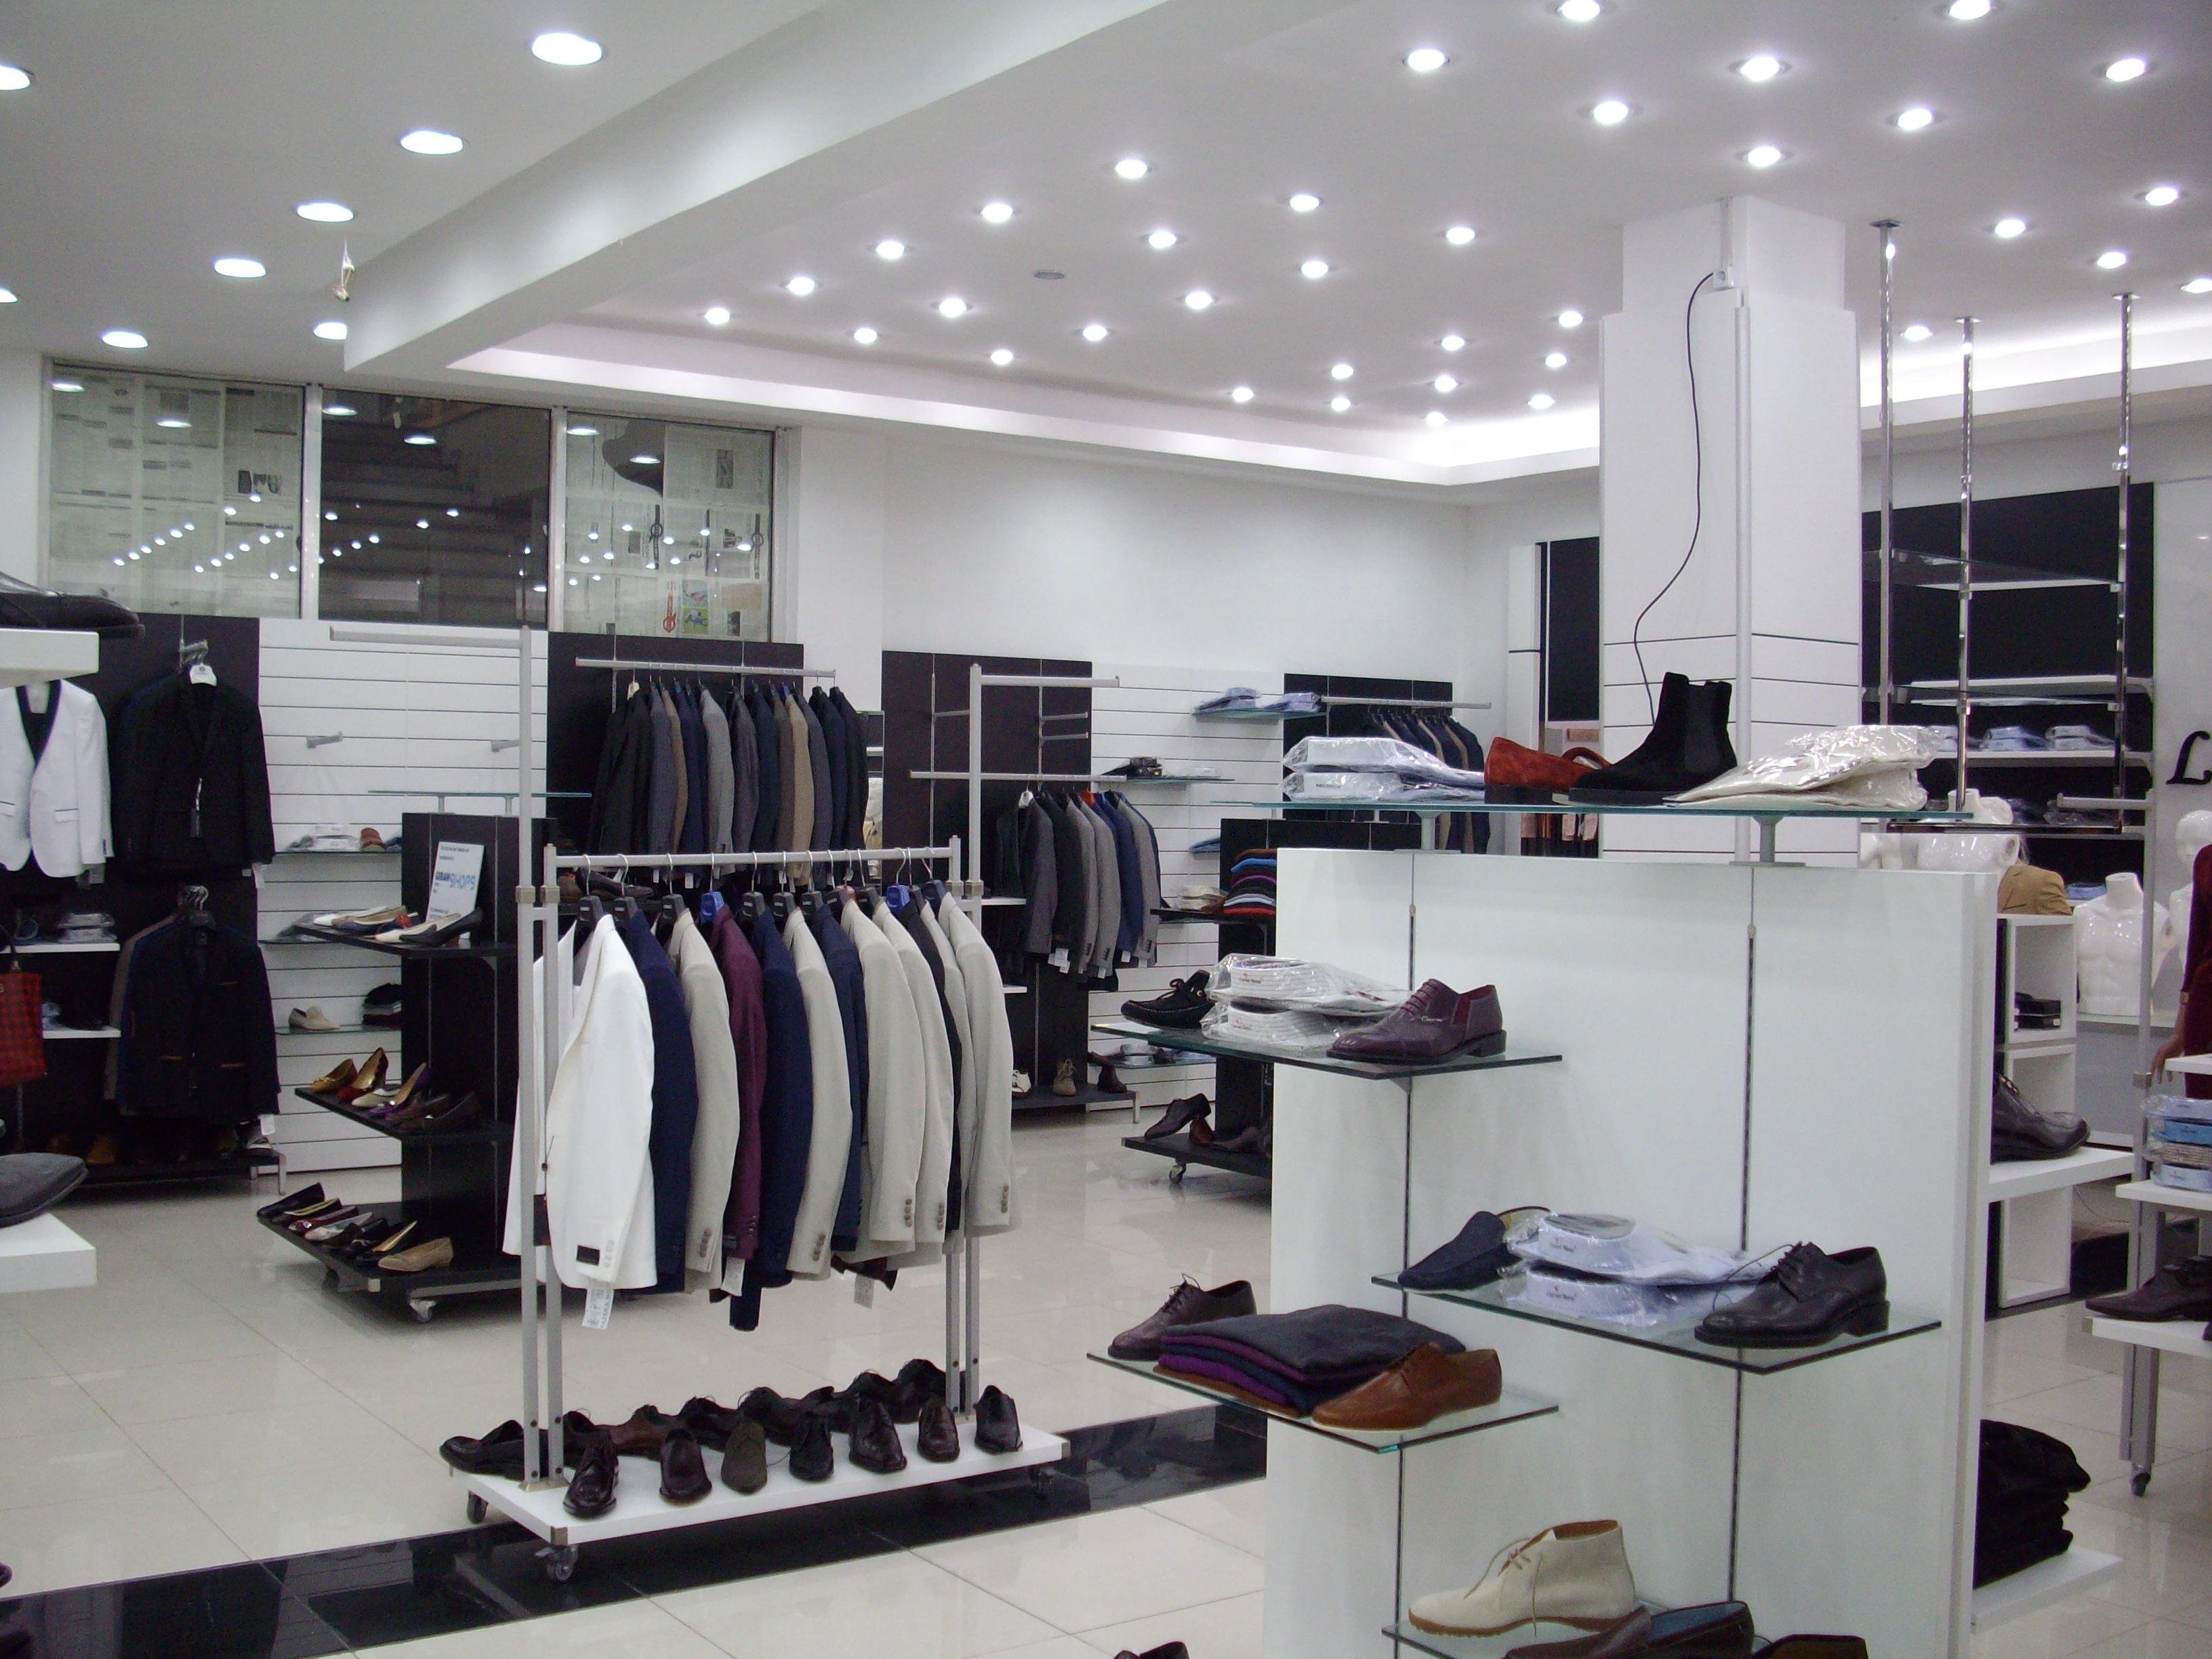 arredamento negozio abbigliamento usato